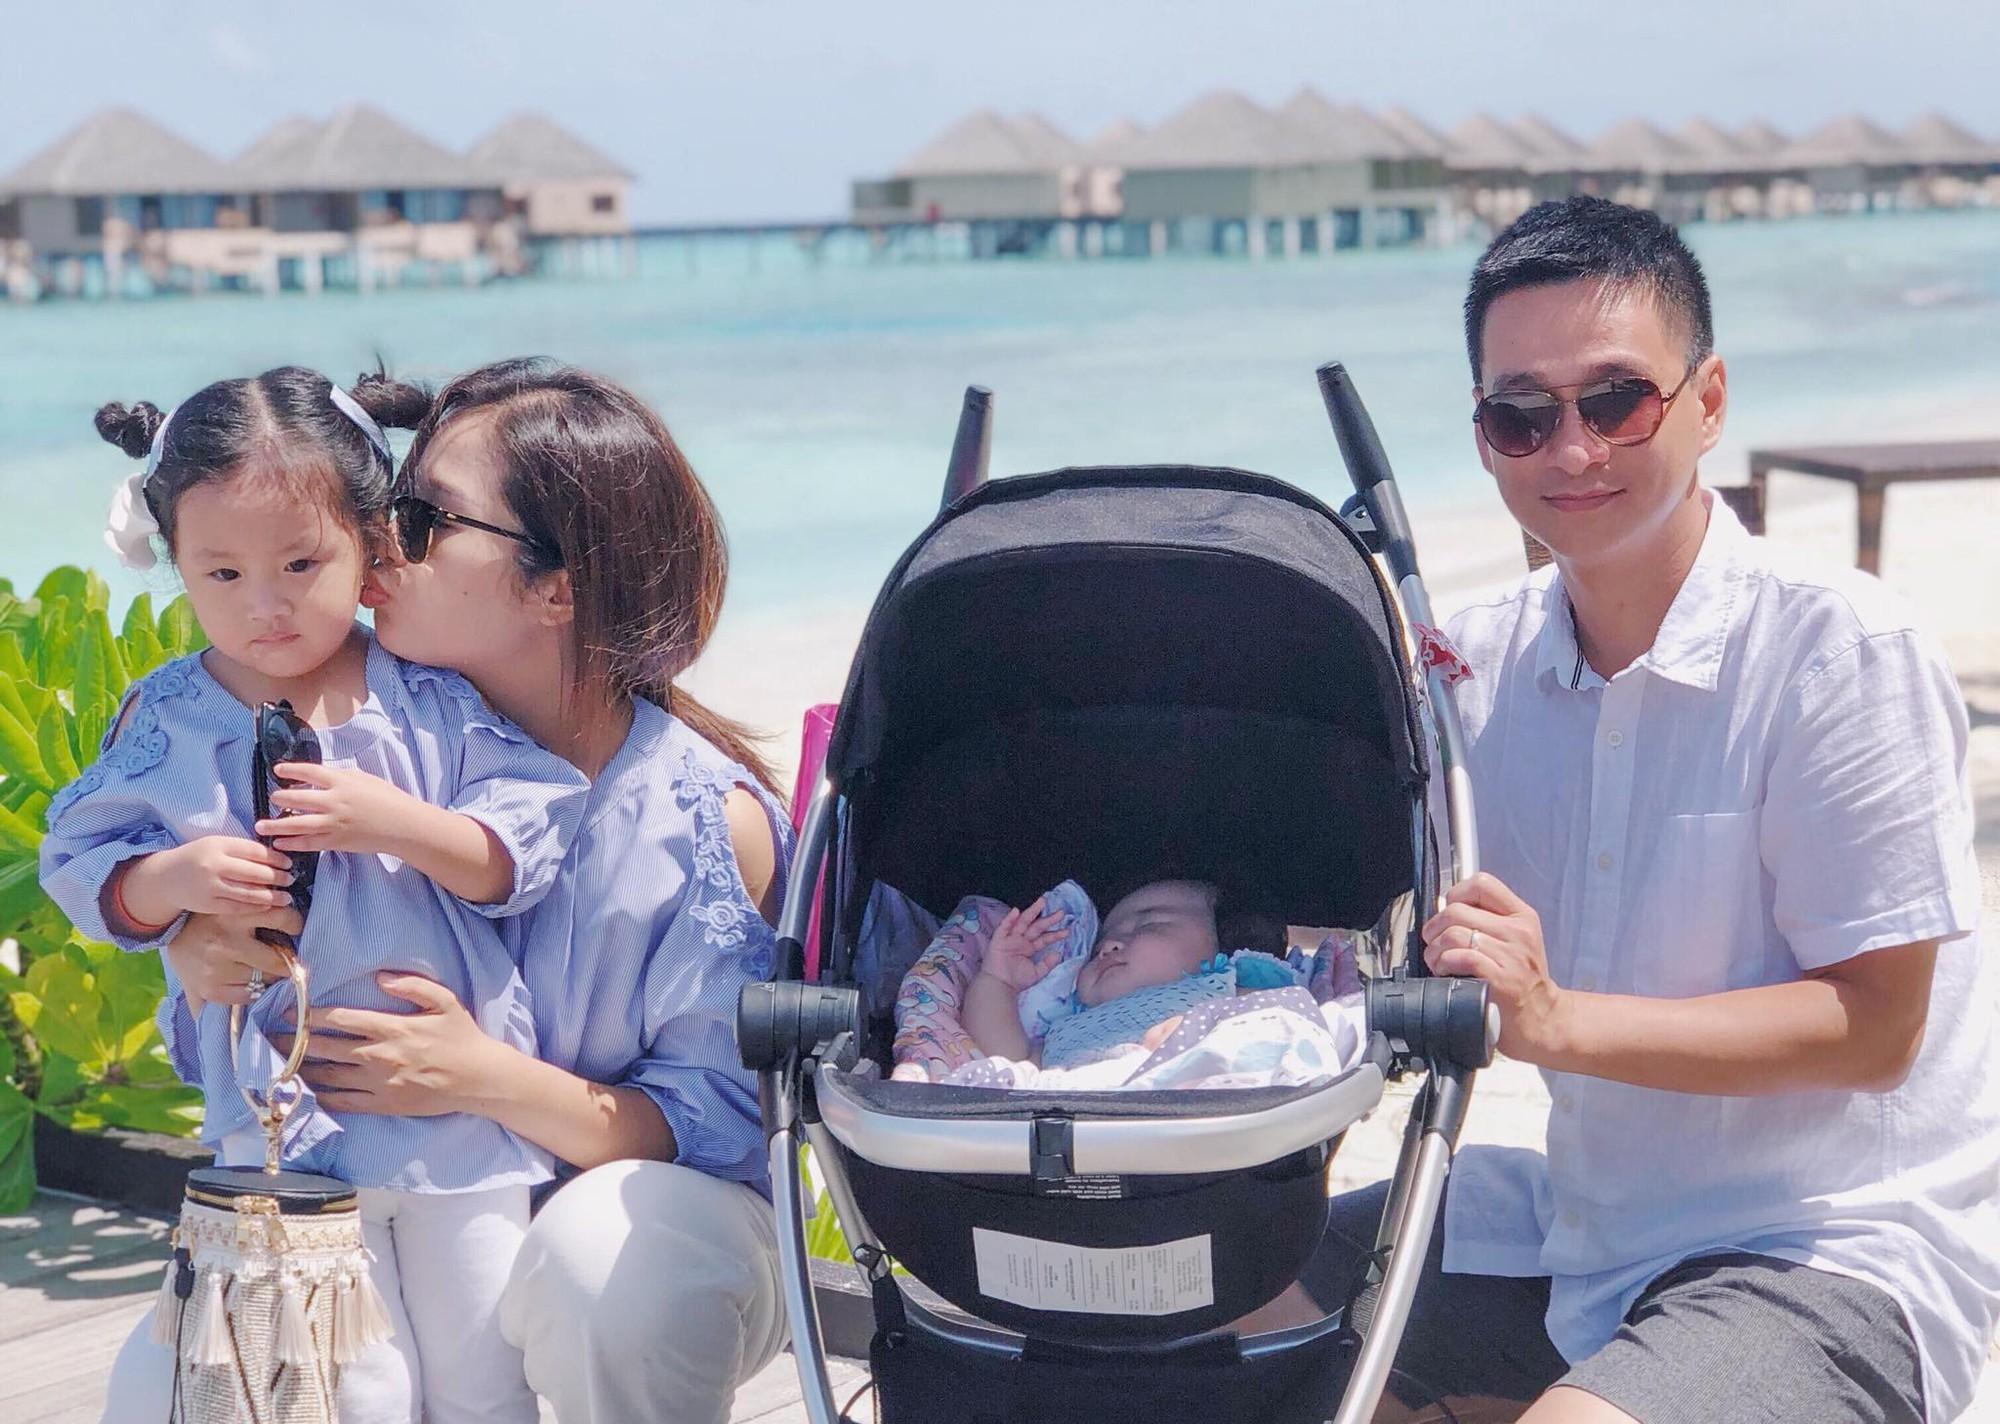 Nàng Hoa hậu người Việt tại Mỹ chia sẻ bí quyết dù con bé tí hin vẫn cùng chồng đi thiên đường tình yêu Maldives lãng mạn - Ảnh 13.